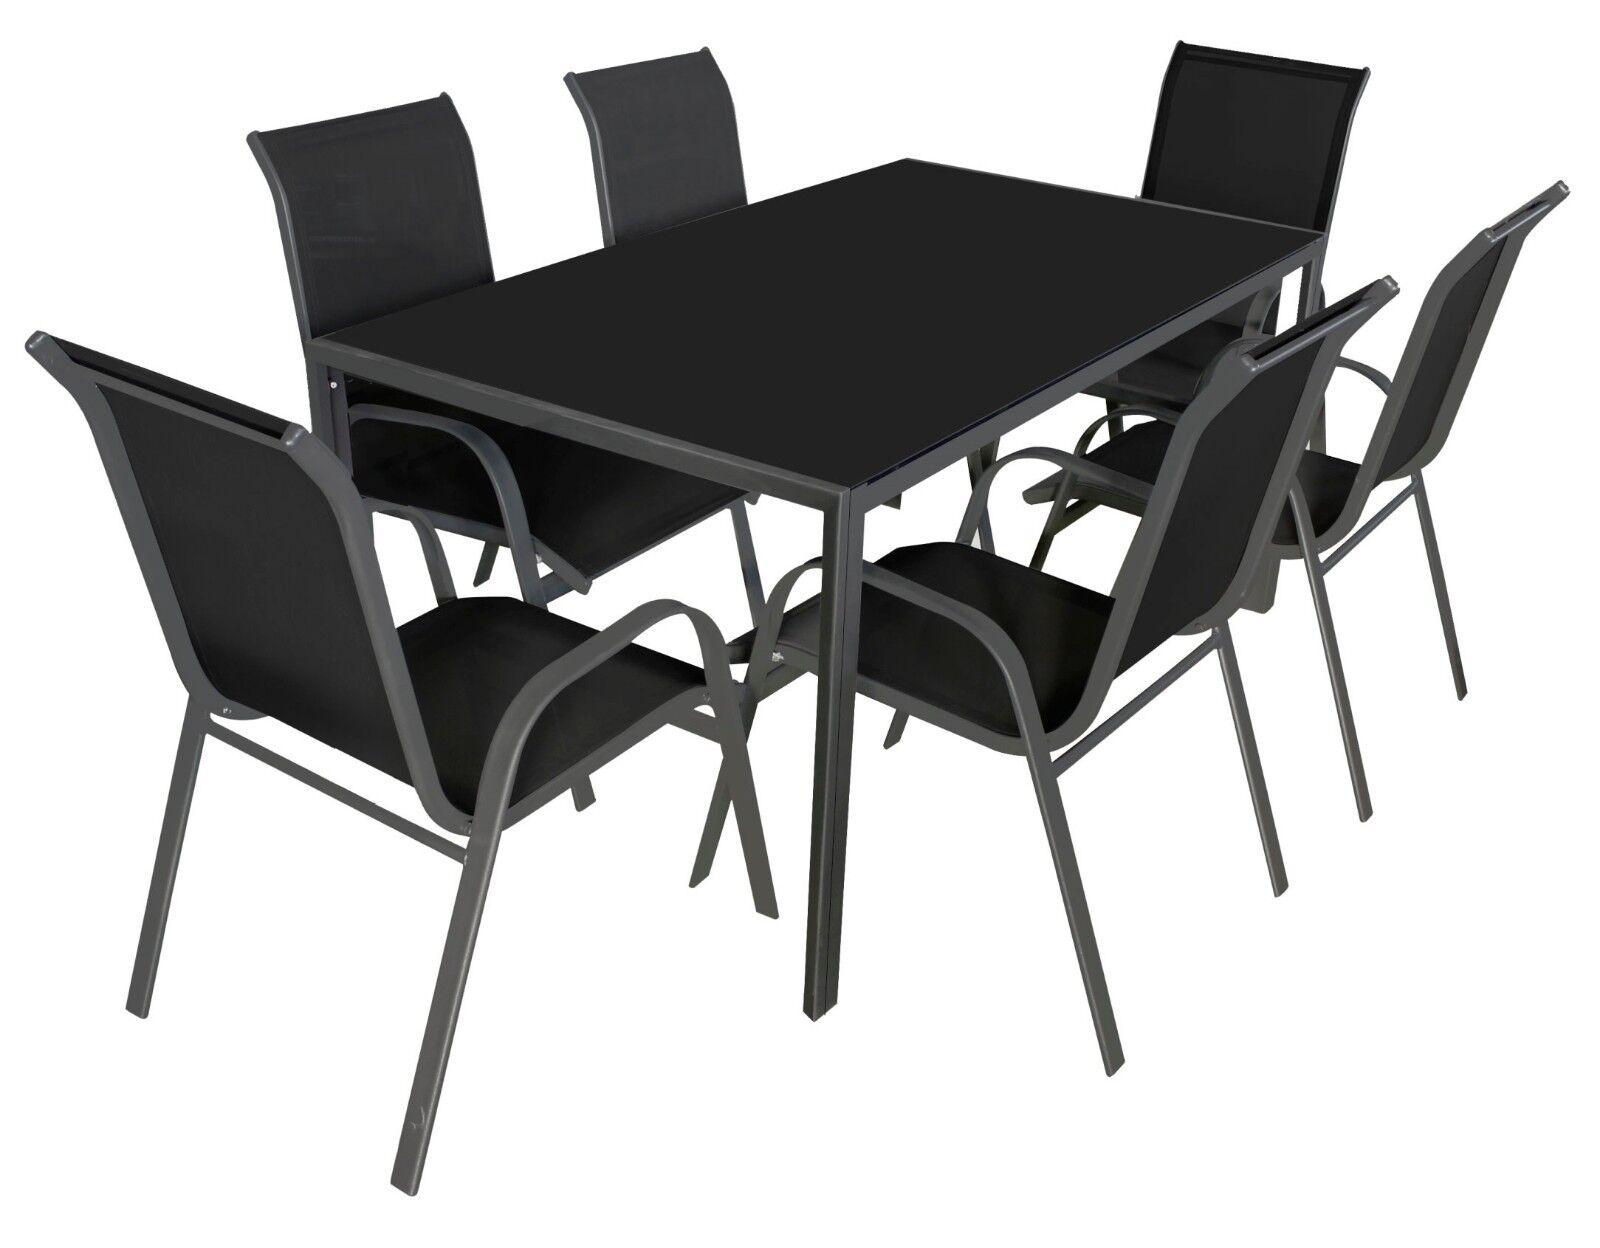 Sitzgruppe Gartenset Gartentisch 160 x 90 x 72 Glastisch mit 4 oder 6 Stühlen